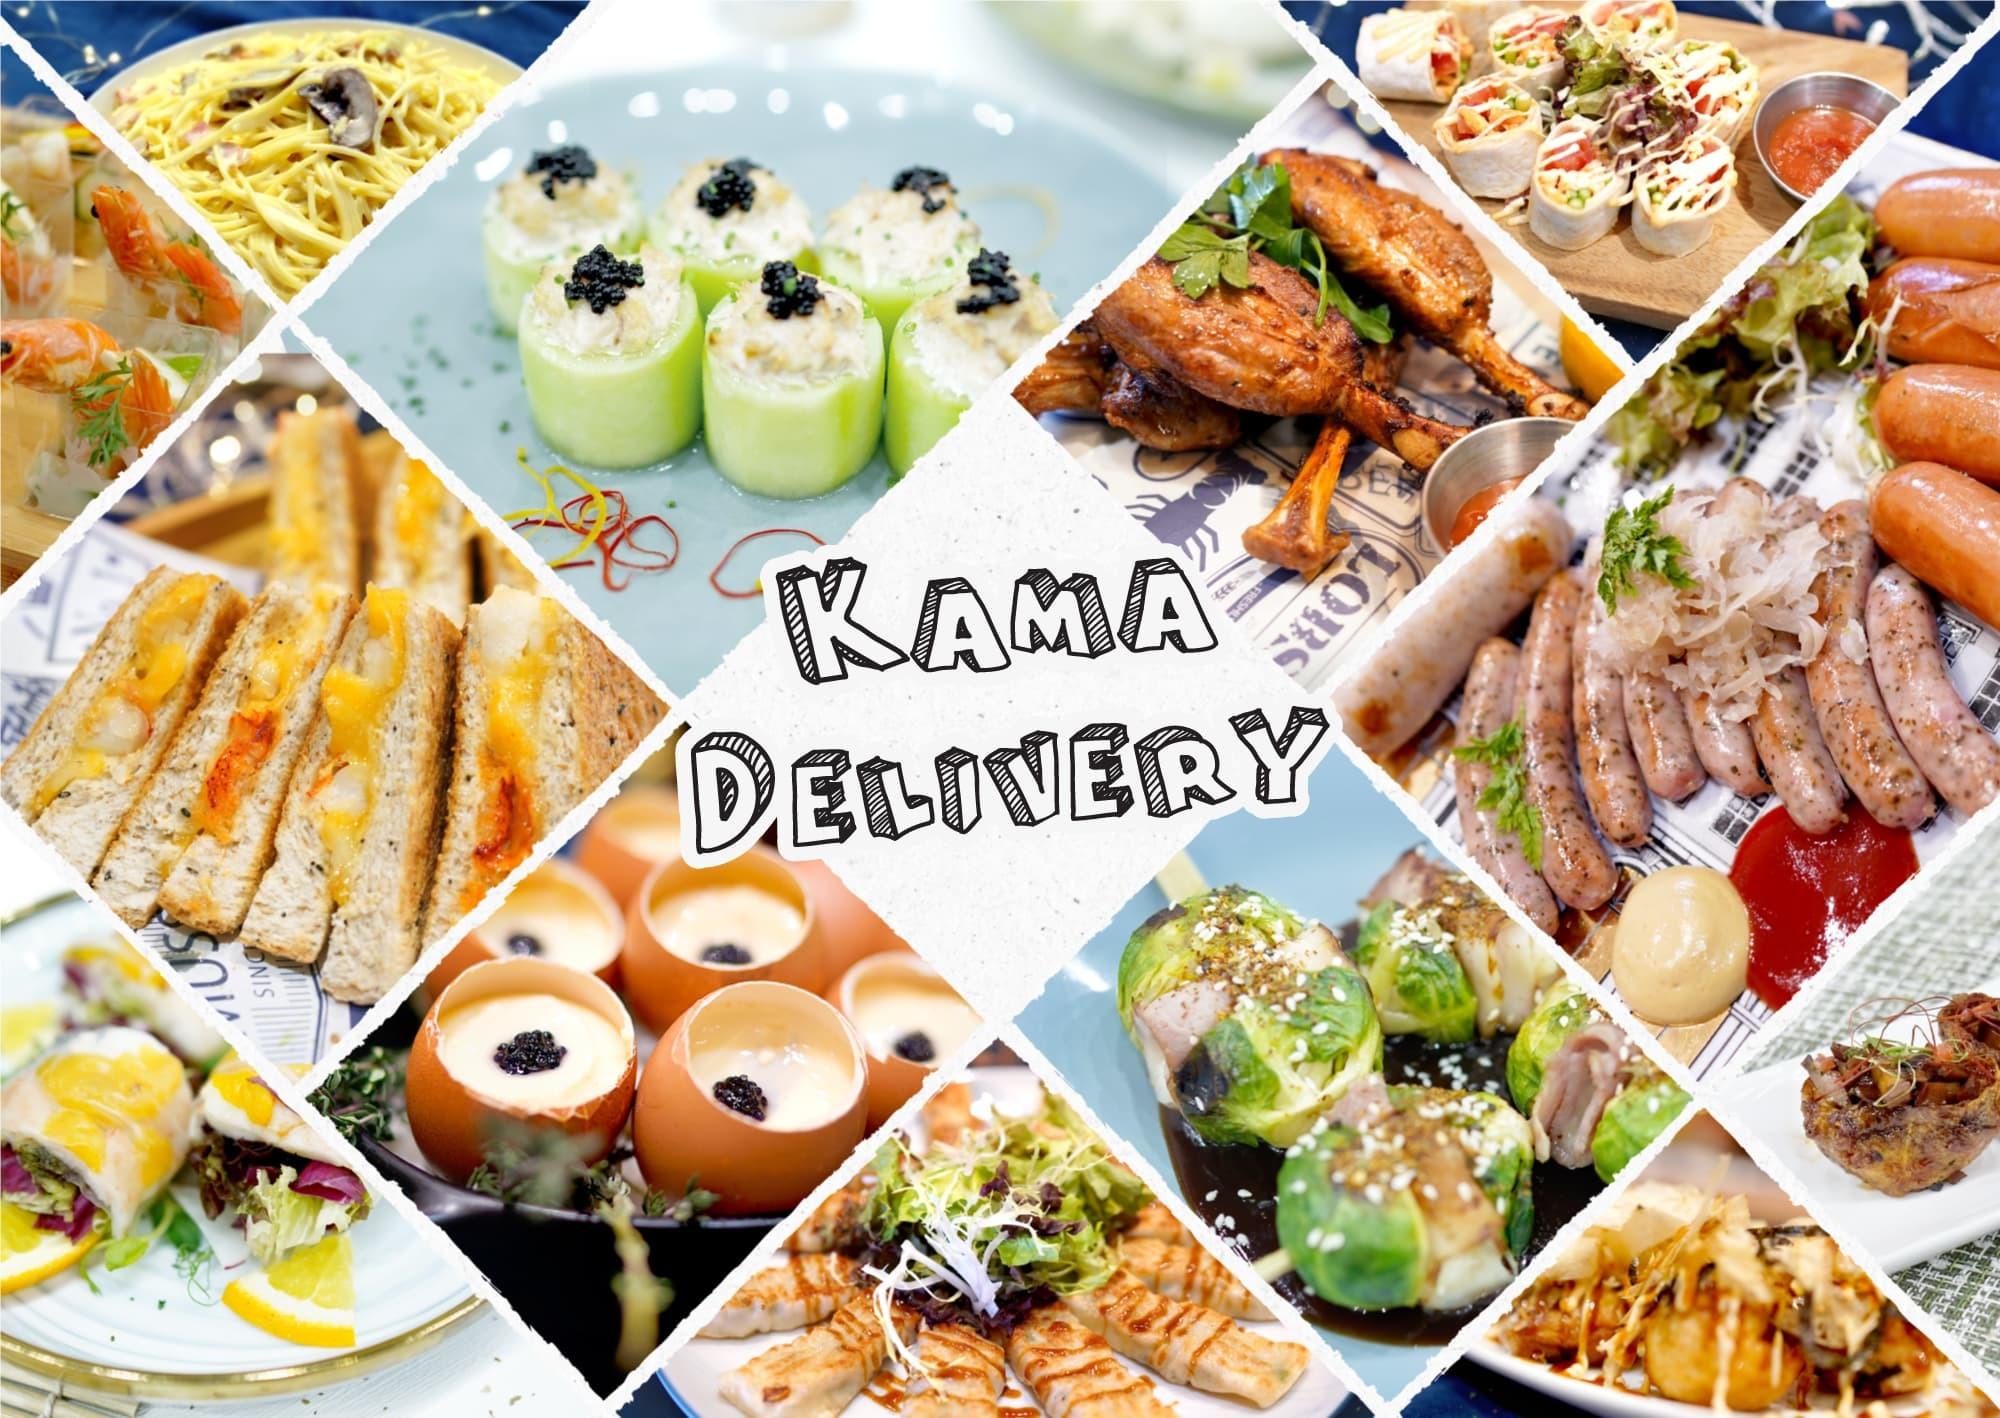 大坑到會外賣推介|Kama Delivery為大坑地區提供抵食平價到會服務,為你的派對及聚會炮製多款美食!